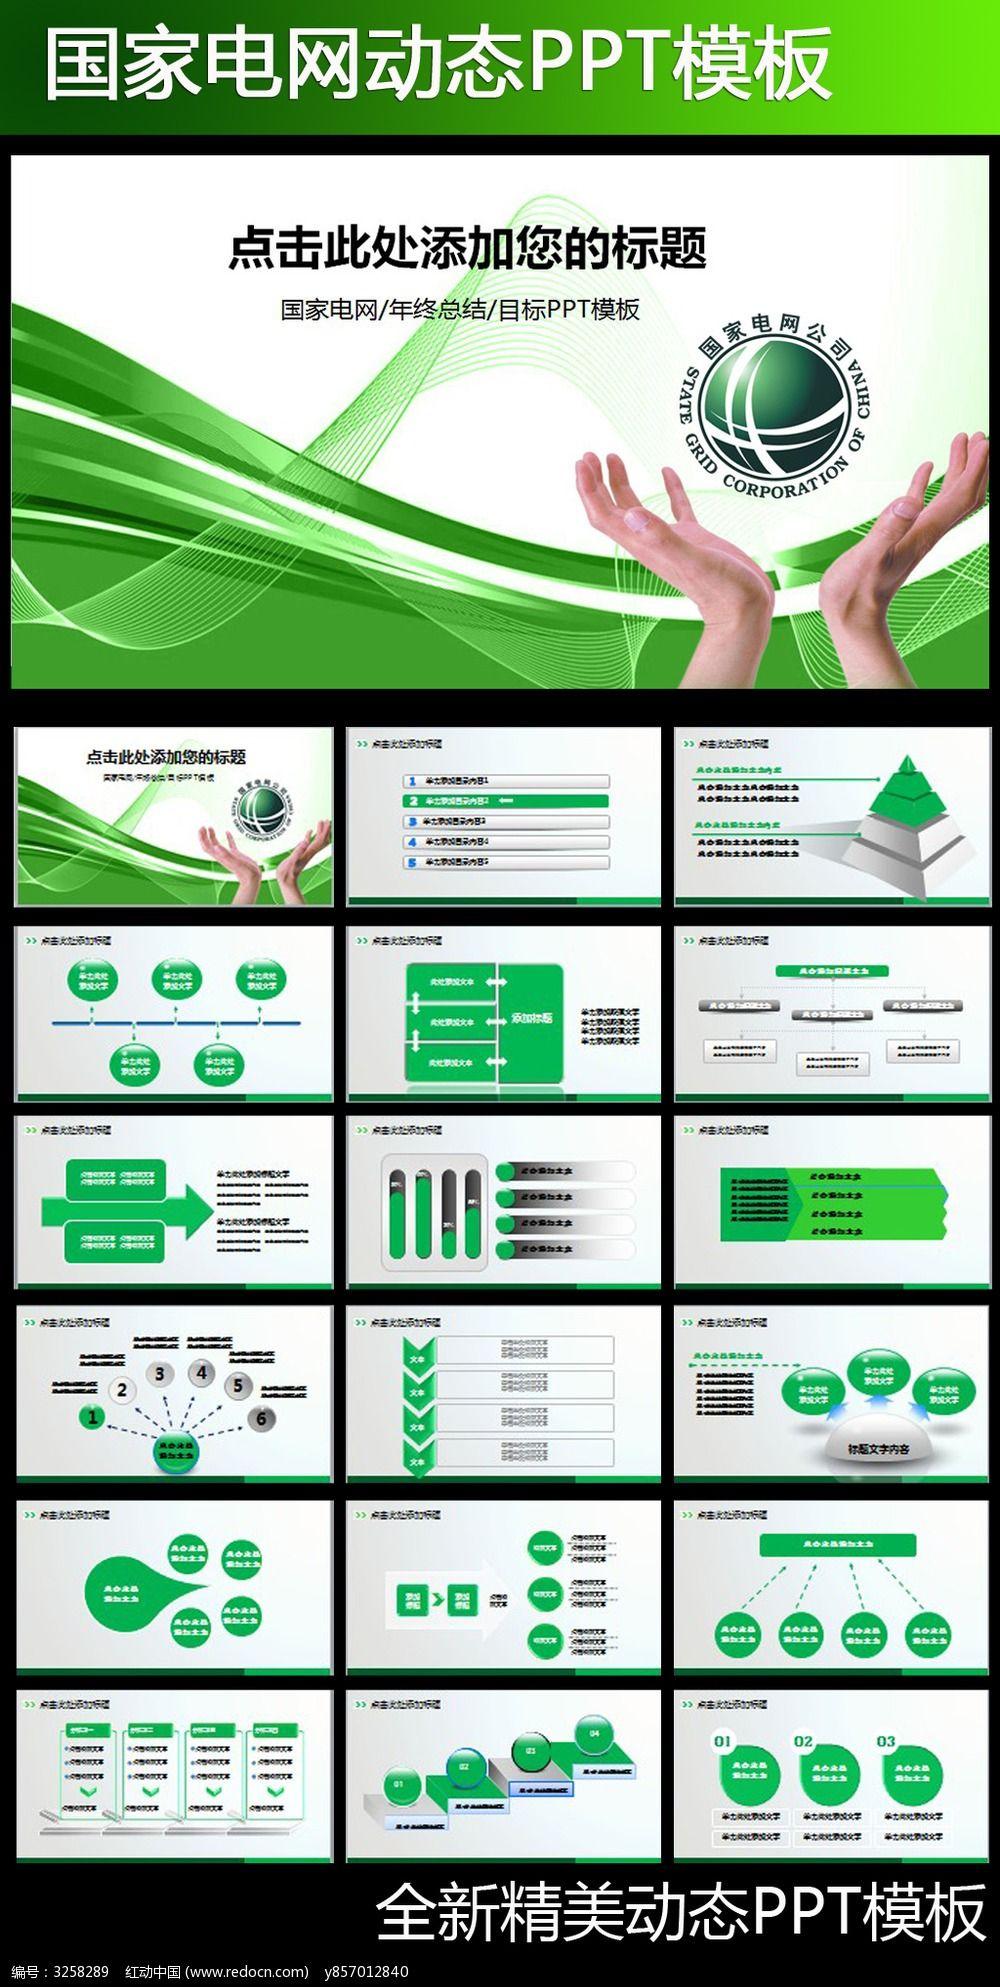 国家电网年终总结会议报告PPT模板图片